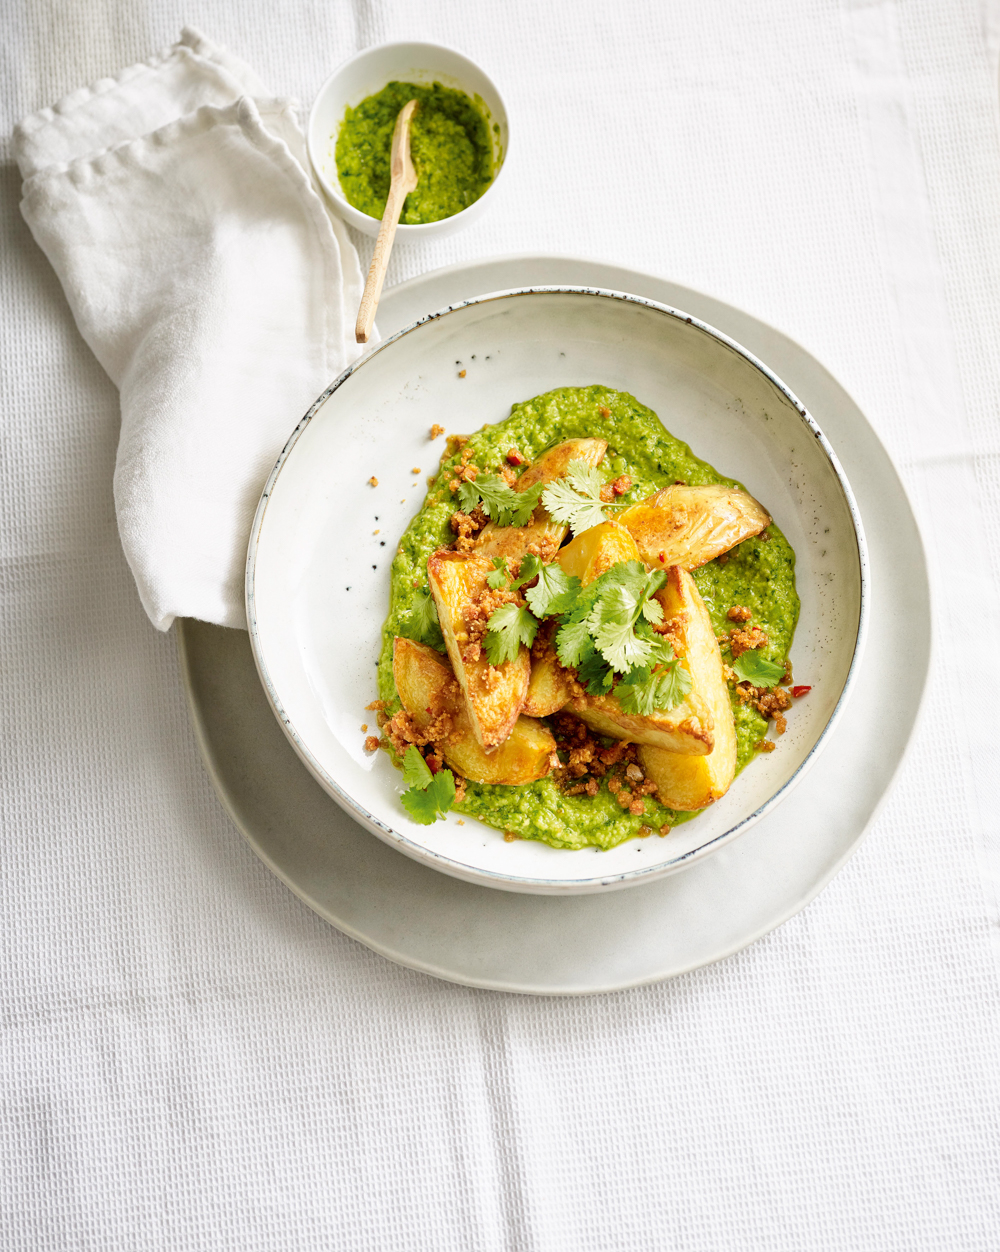 Ofenkartoffeln Farofa Erbsenkraeuter und Pesto